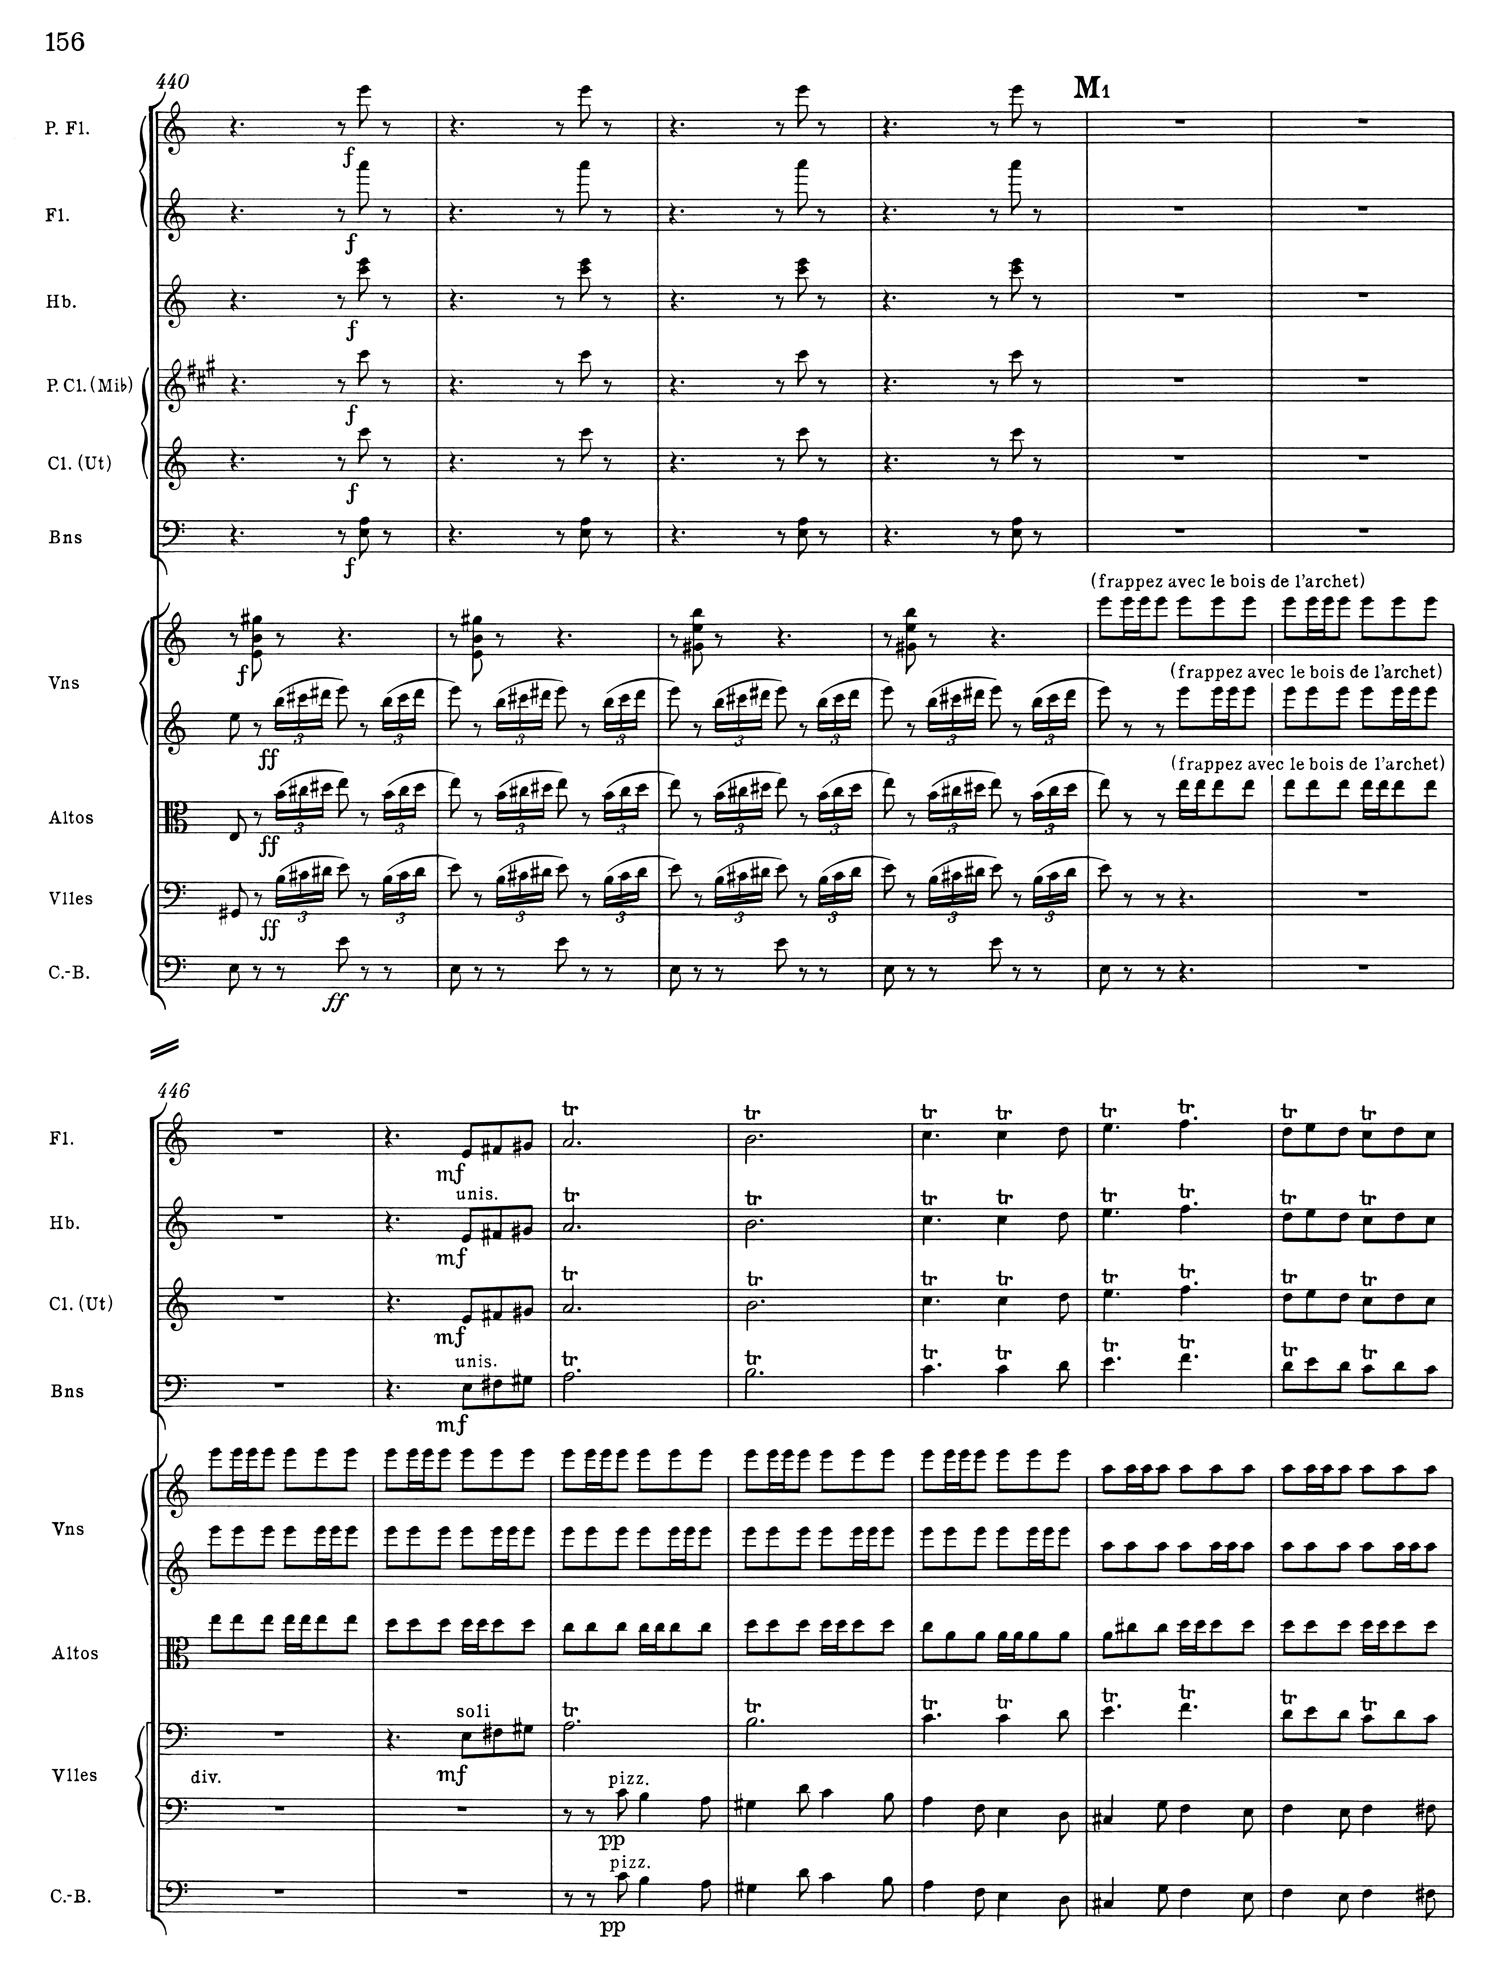 Berlioz Mvt 5 Score 3.jpg